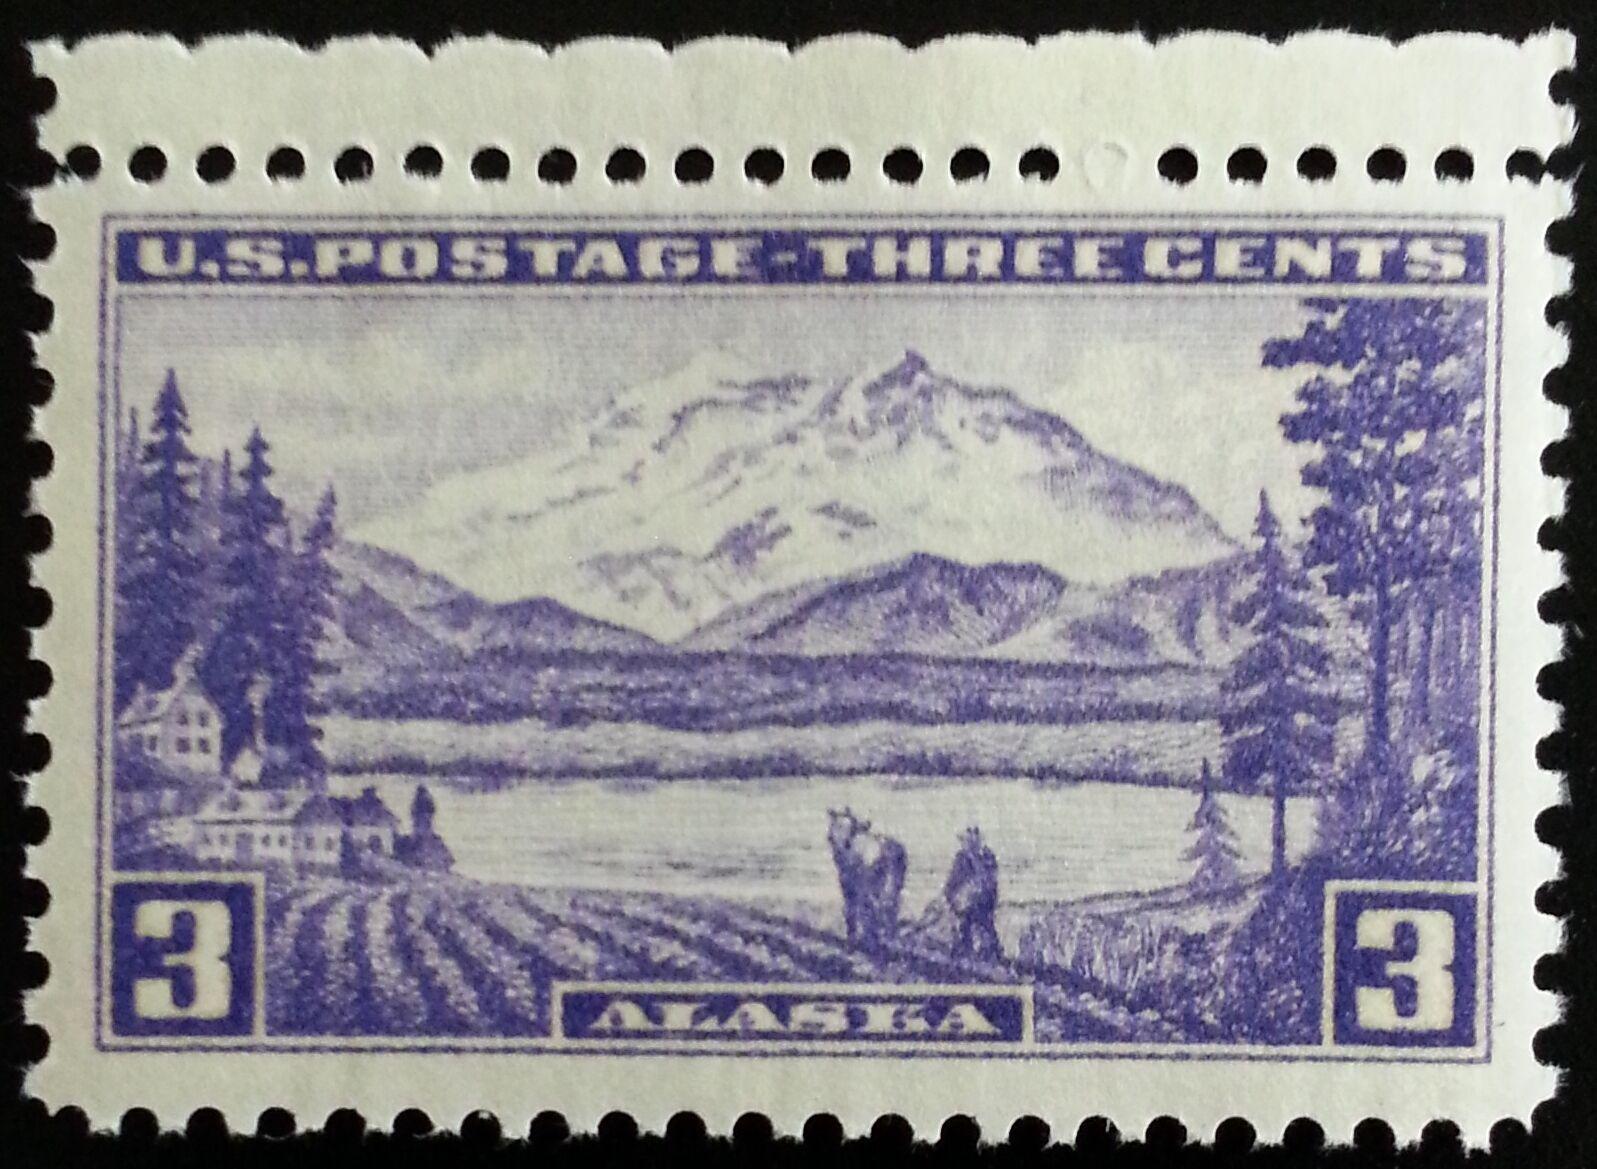 1937 3c Alaska Territory, Mount McKinley Scott 800 Mint